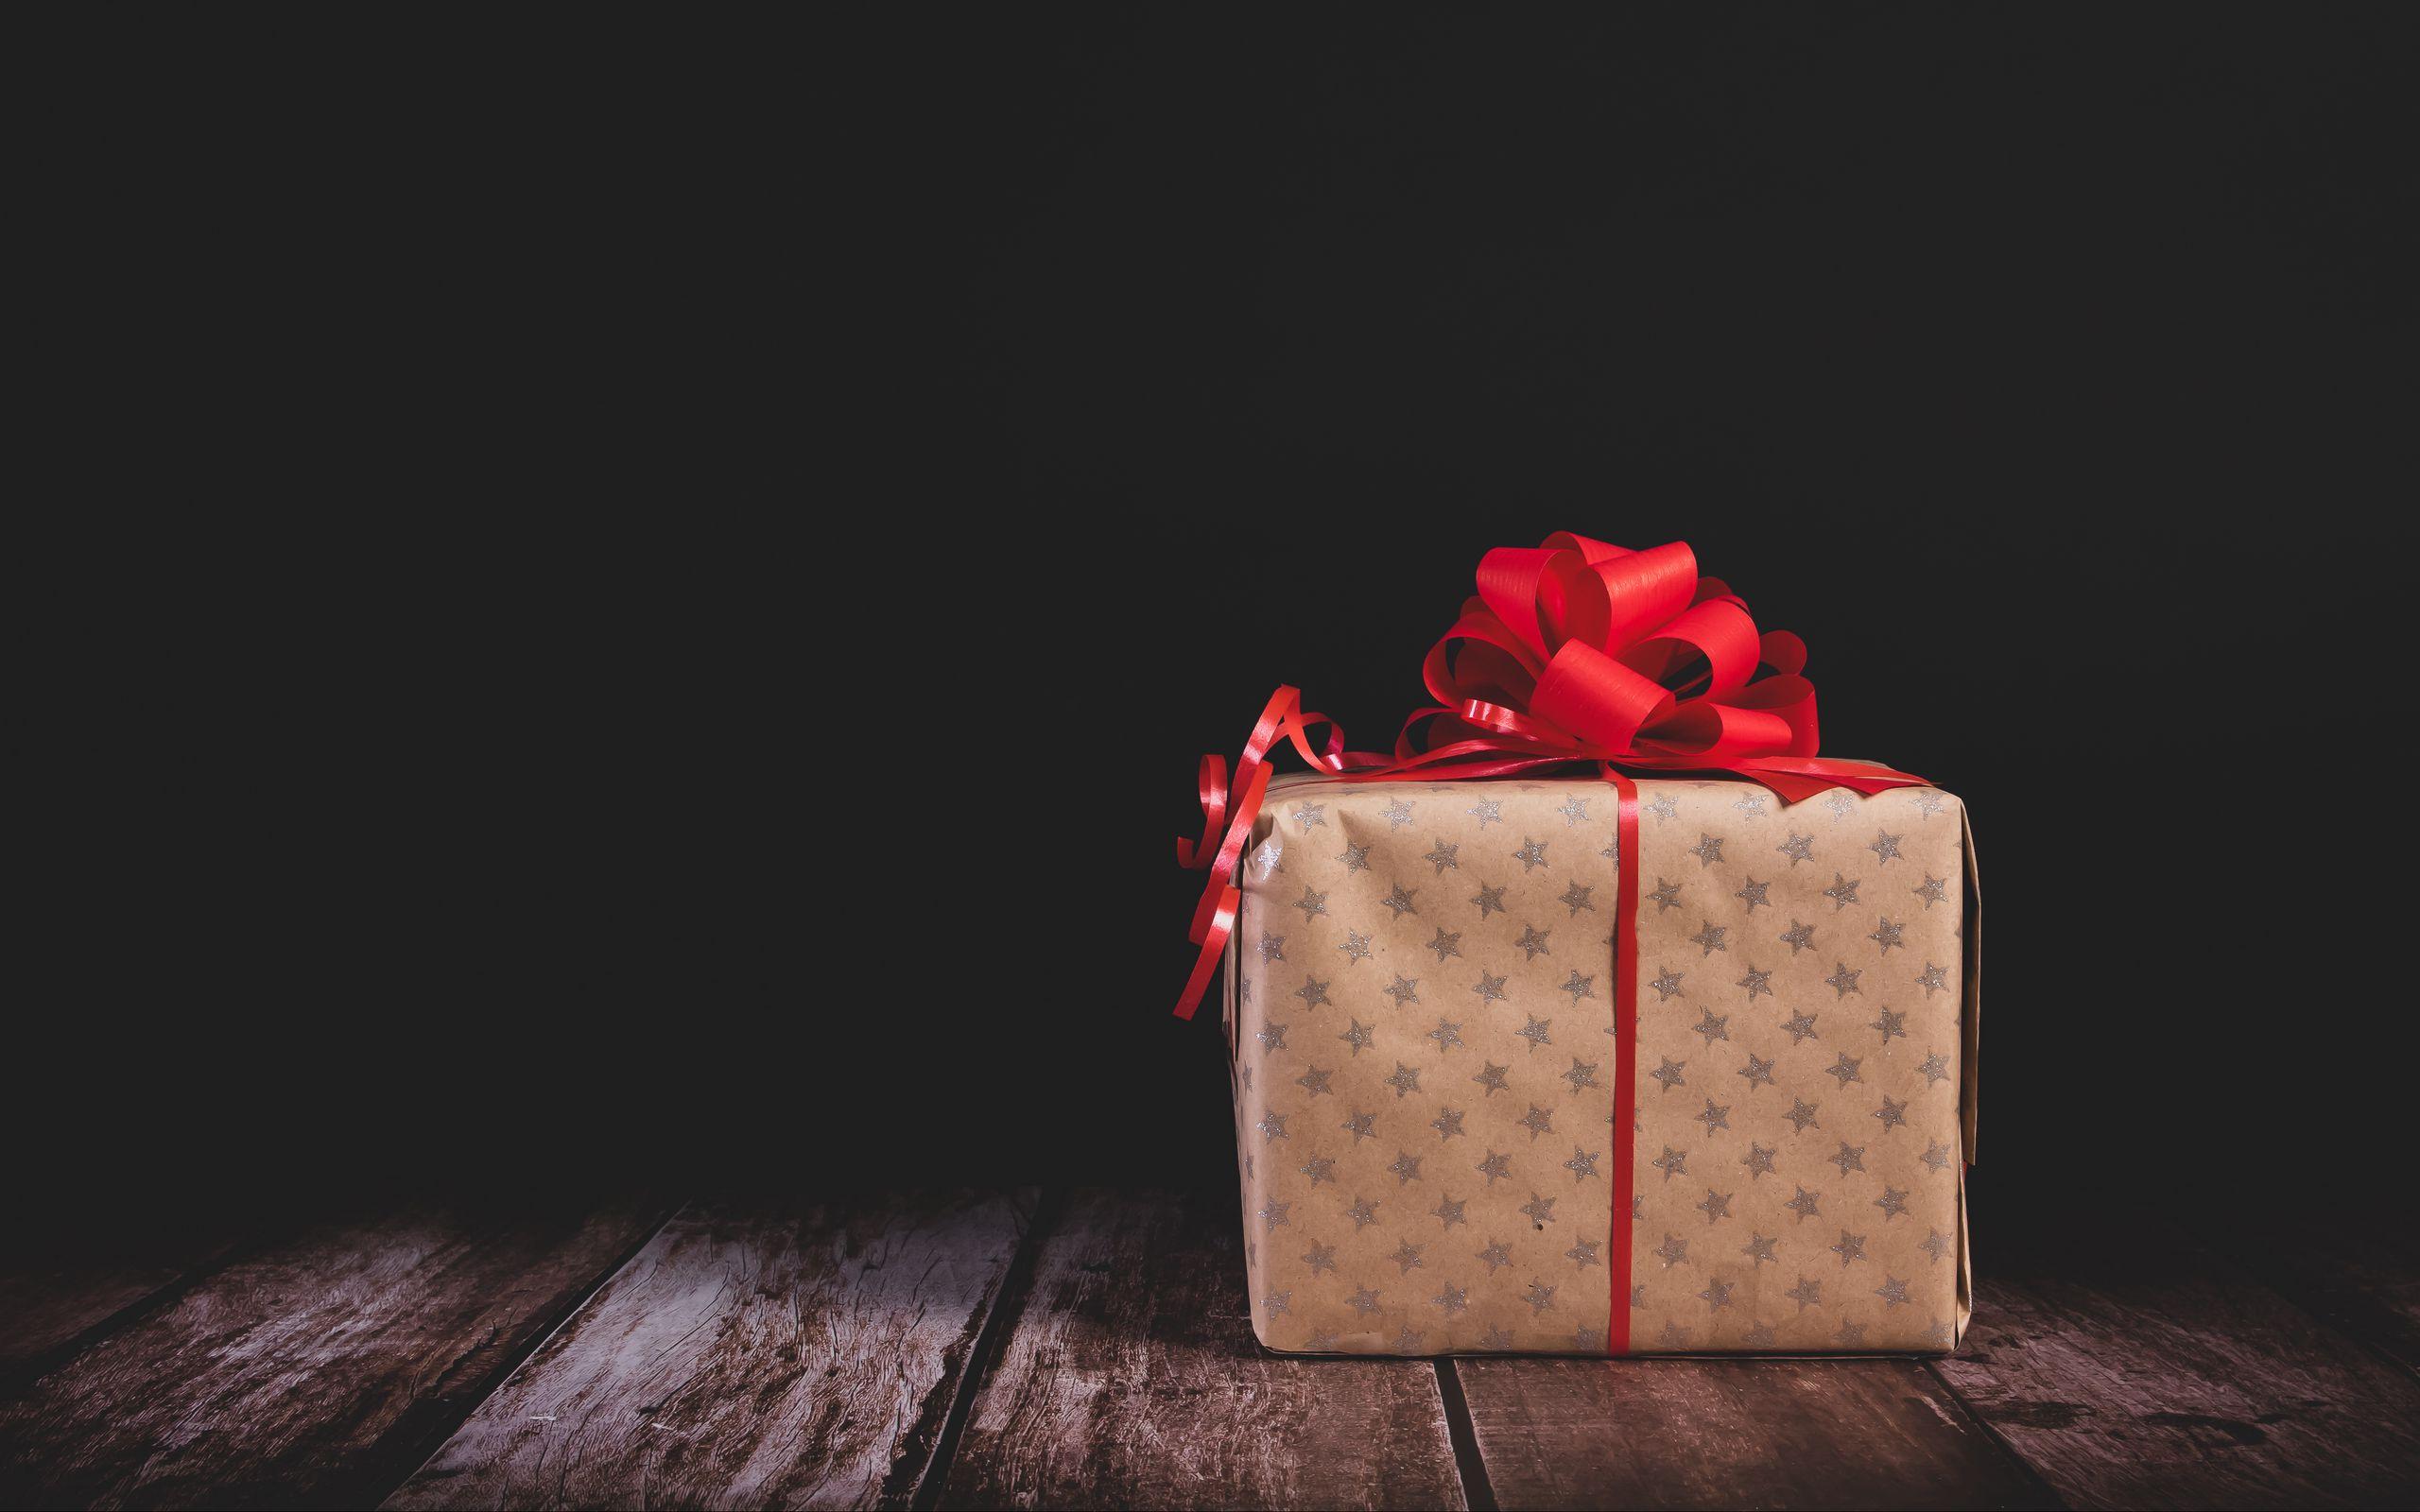 2560x1600 Wallpaper gift, box, bow, holiday